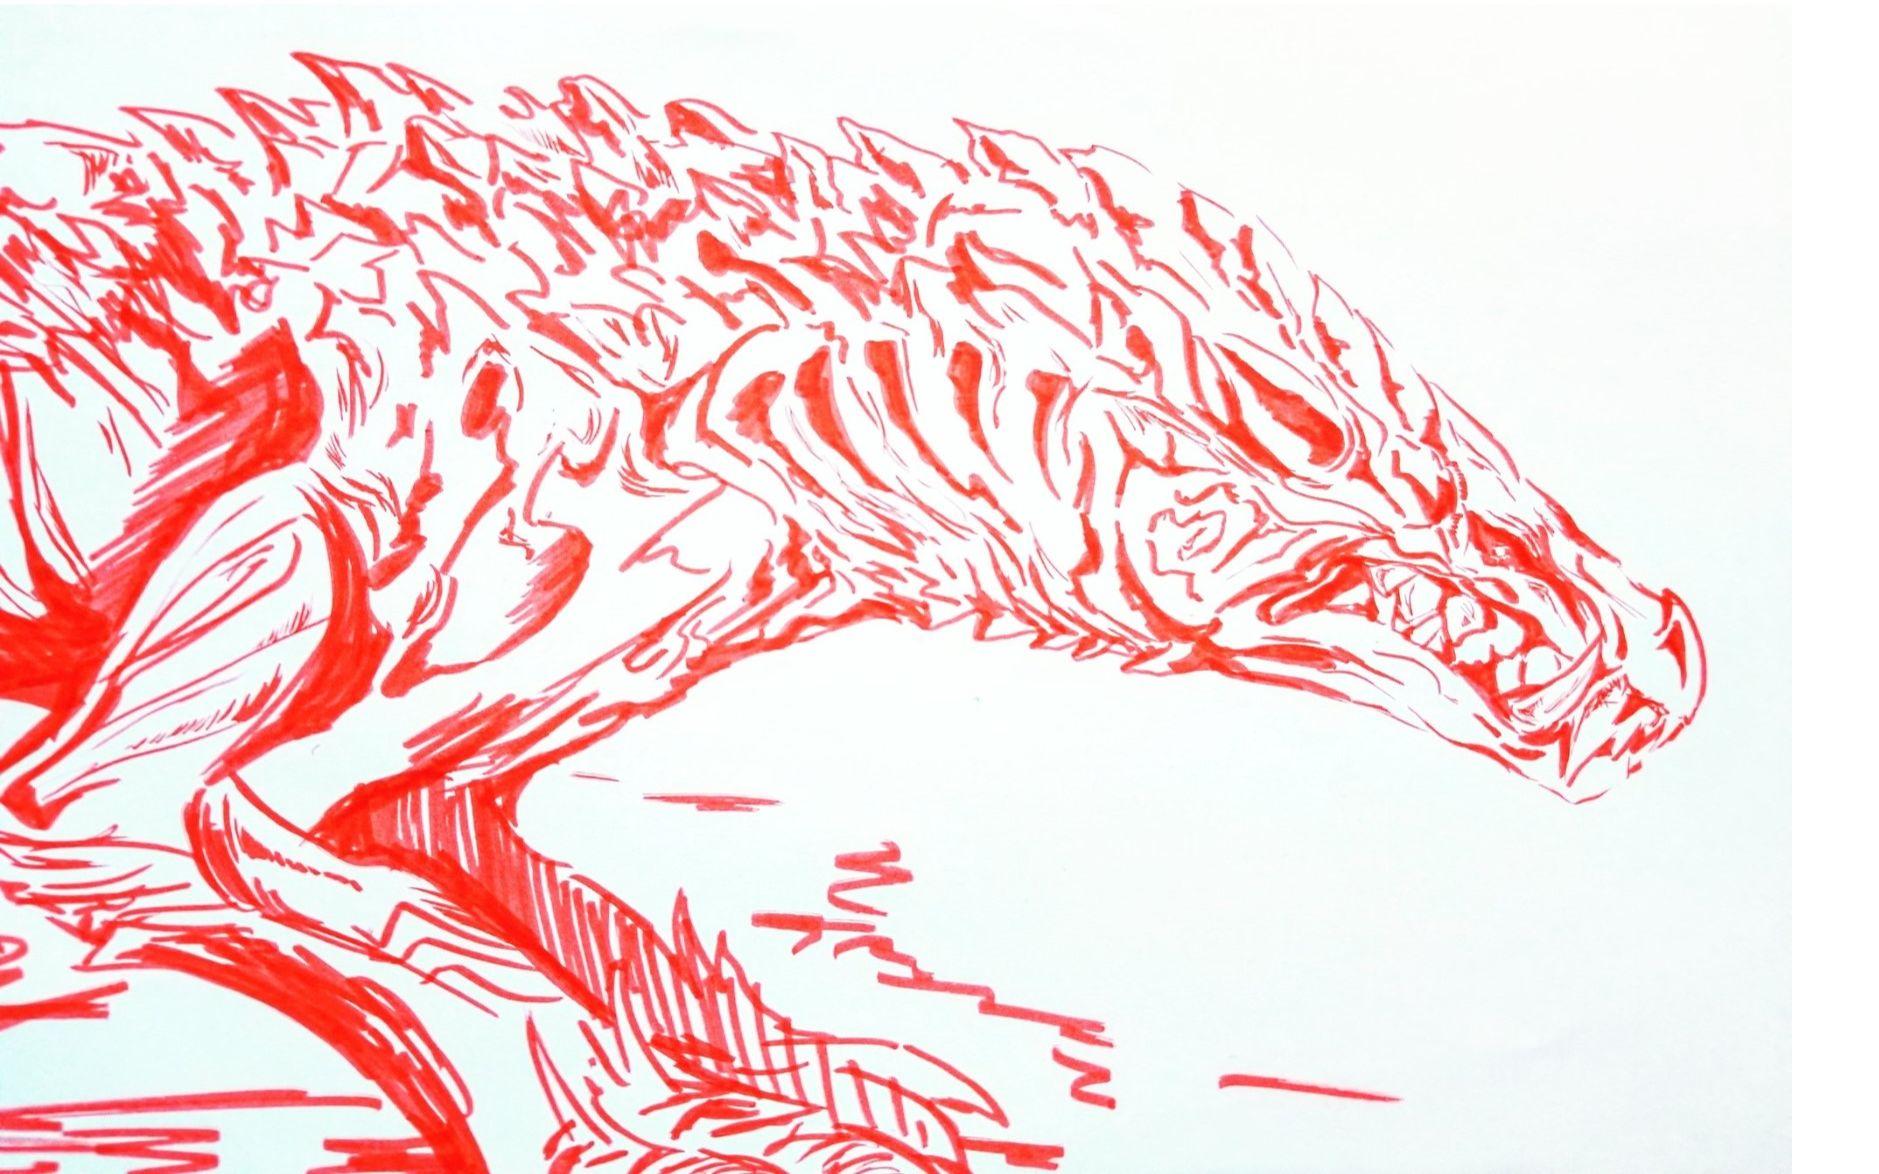 惨爪龙_lol龙血武姬骸骨之爪_食肉牛龙vs重爪龙